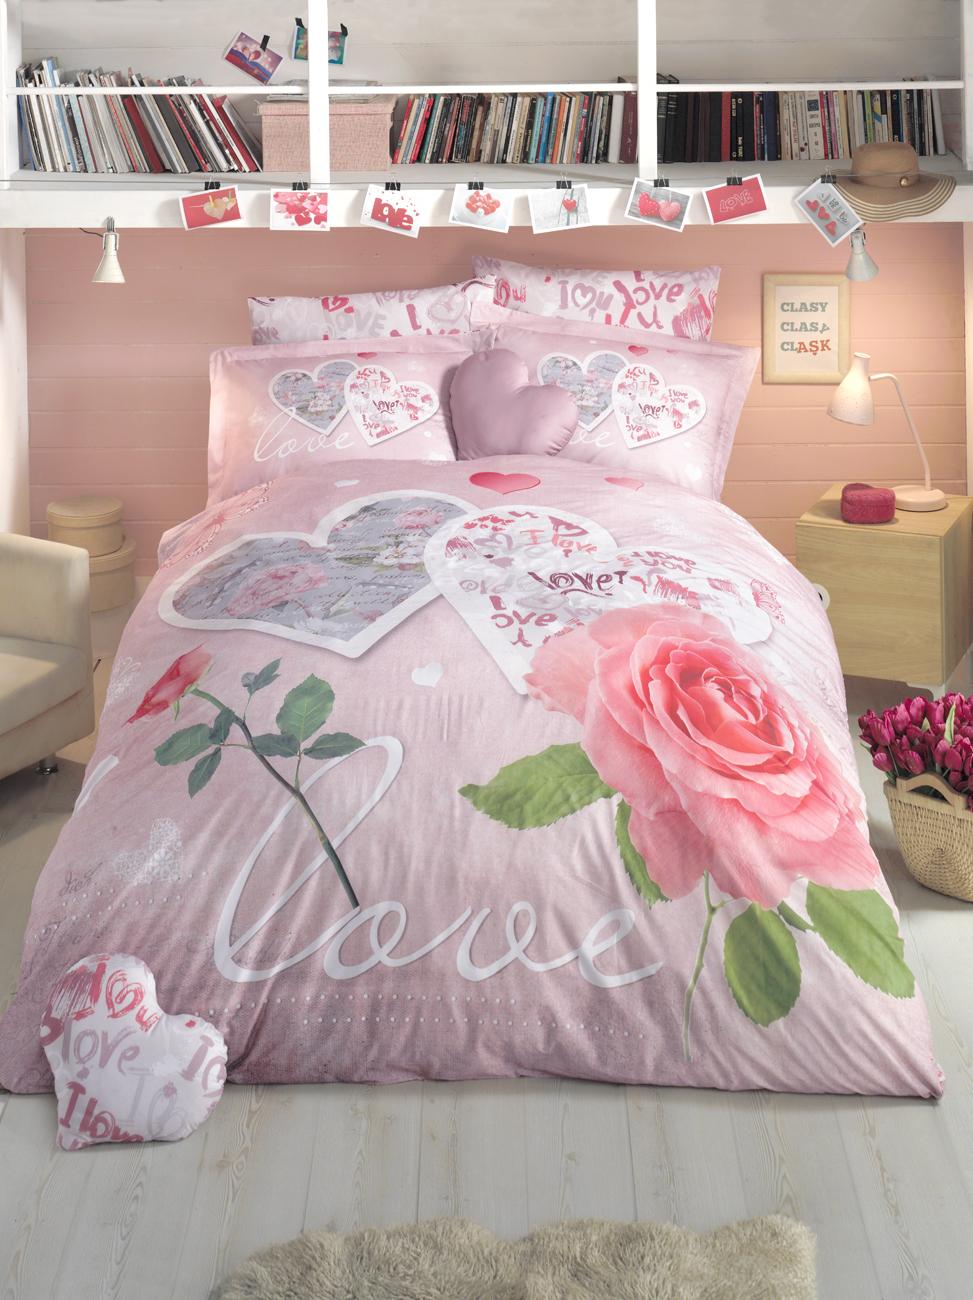 Комплект белья Clasy First Love, евро, наволочки 50х70, цвет: розовый00000005355Комплект постельного белья Clasy First Love изготовлен в Турции из высококачественного ранфорса на одной из ведущих фабрик.Выбирая постельное белье Clasy First Love вы будете приятно удивлены качественной выделкой ткани, красивыми и модными расцветками, а так же его отличным качеством. Все наволочки у комплектов Clasy First Love имеют клапан без пуговиц и молнии. Пододеяльник с пуговицами.